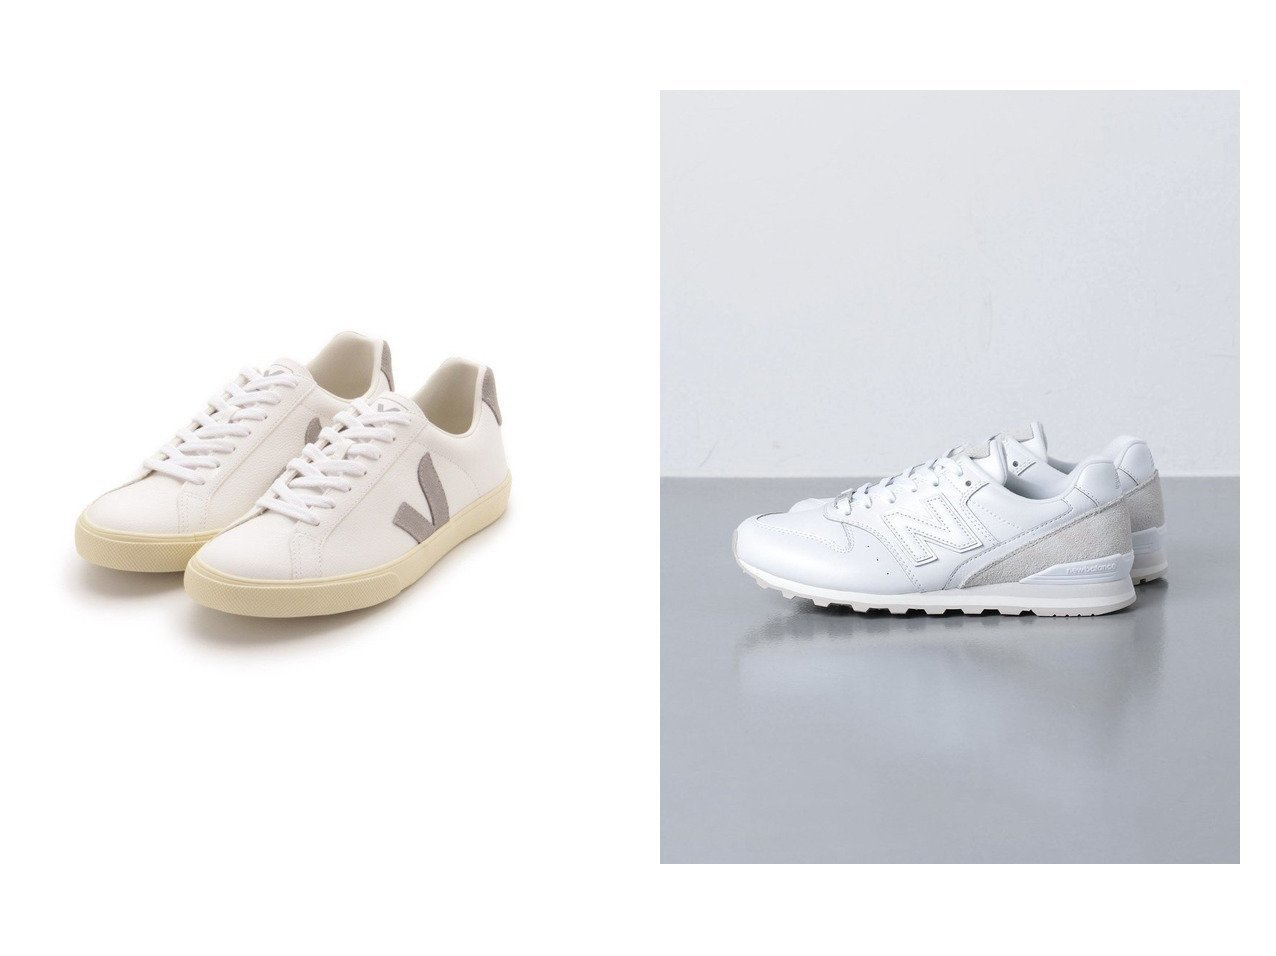 【emmi/エミ】の【Veja】ESPLAR&【UNITED ARROWS/ユナイテッドアローズ】のNew Balance(ニューバランス) WL996 スニーカー 【シューズ・靴】おすすめ!人気、トレンド・レディースファッションの通販 おすすめで人気の流行・トレンド、ファッションの通販商品 インテリア・家具・メンズファッション・キッズファッション・レディースファッション・服の通販 founy(ファニー) https://founy.com/ ファッション Fashion レディースファッション WOMEN クラシカル シューズ シンプル スニーカー スリッポン シェイプ 人気 バランス フィット ボストン NEW・新作・新着・新入荷 New Arrivals  ID:crp329100000043164